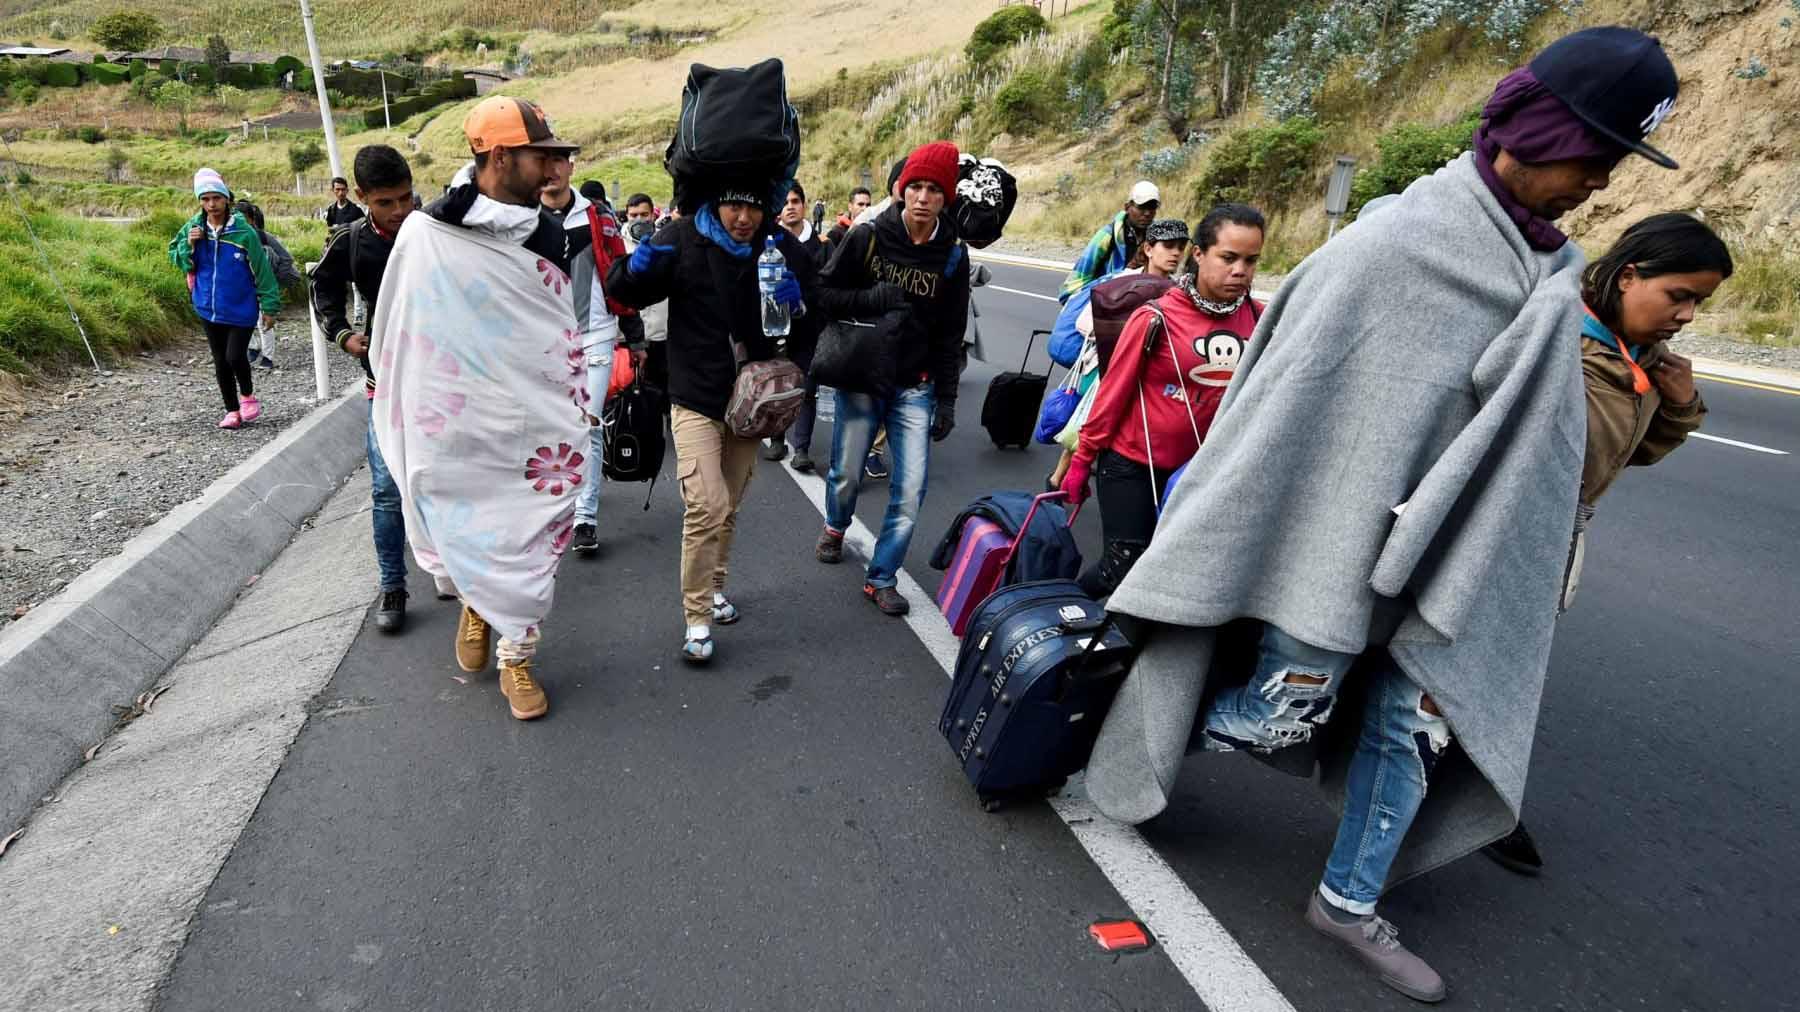 Venezuela exige al gobierno de Ecuador cese de incitación a la xenofobia